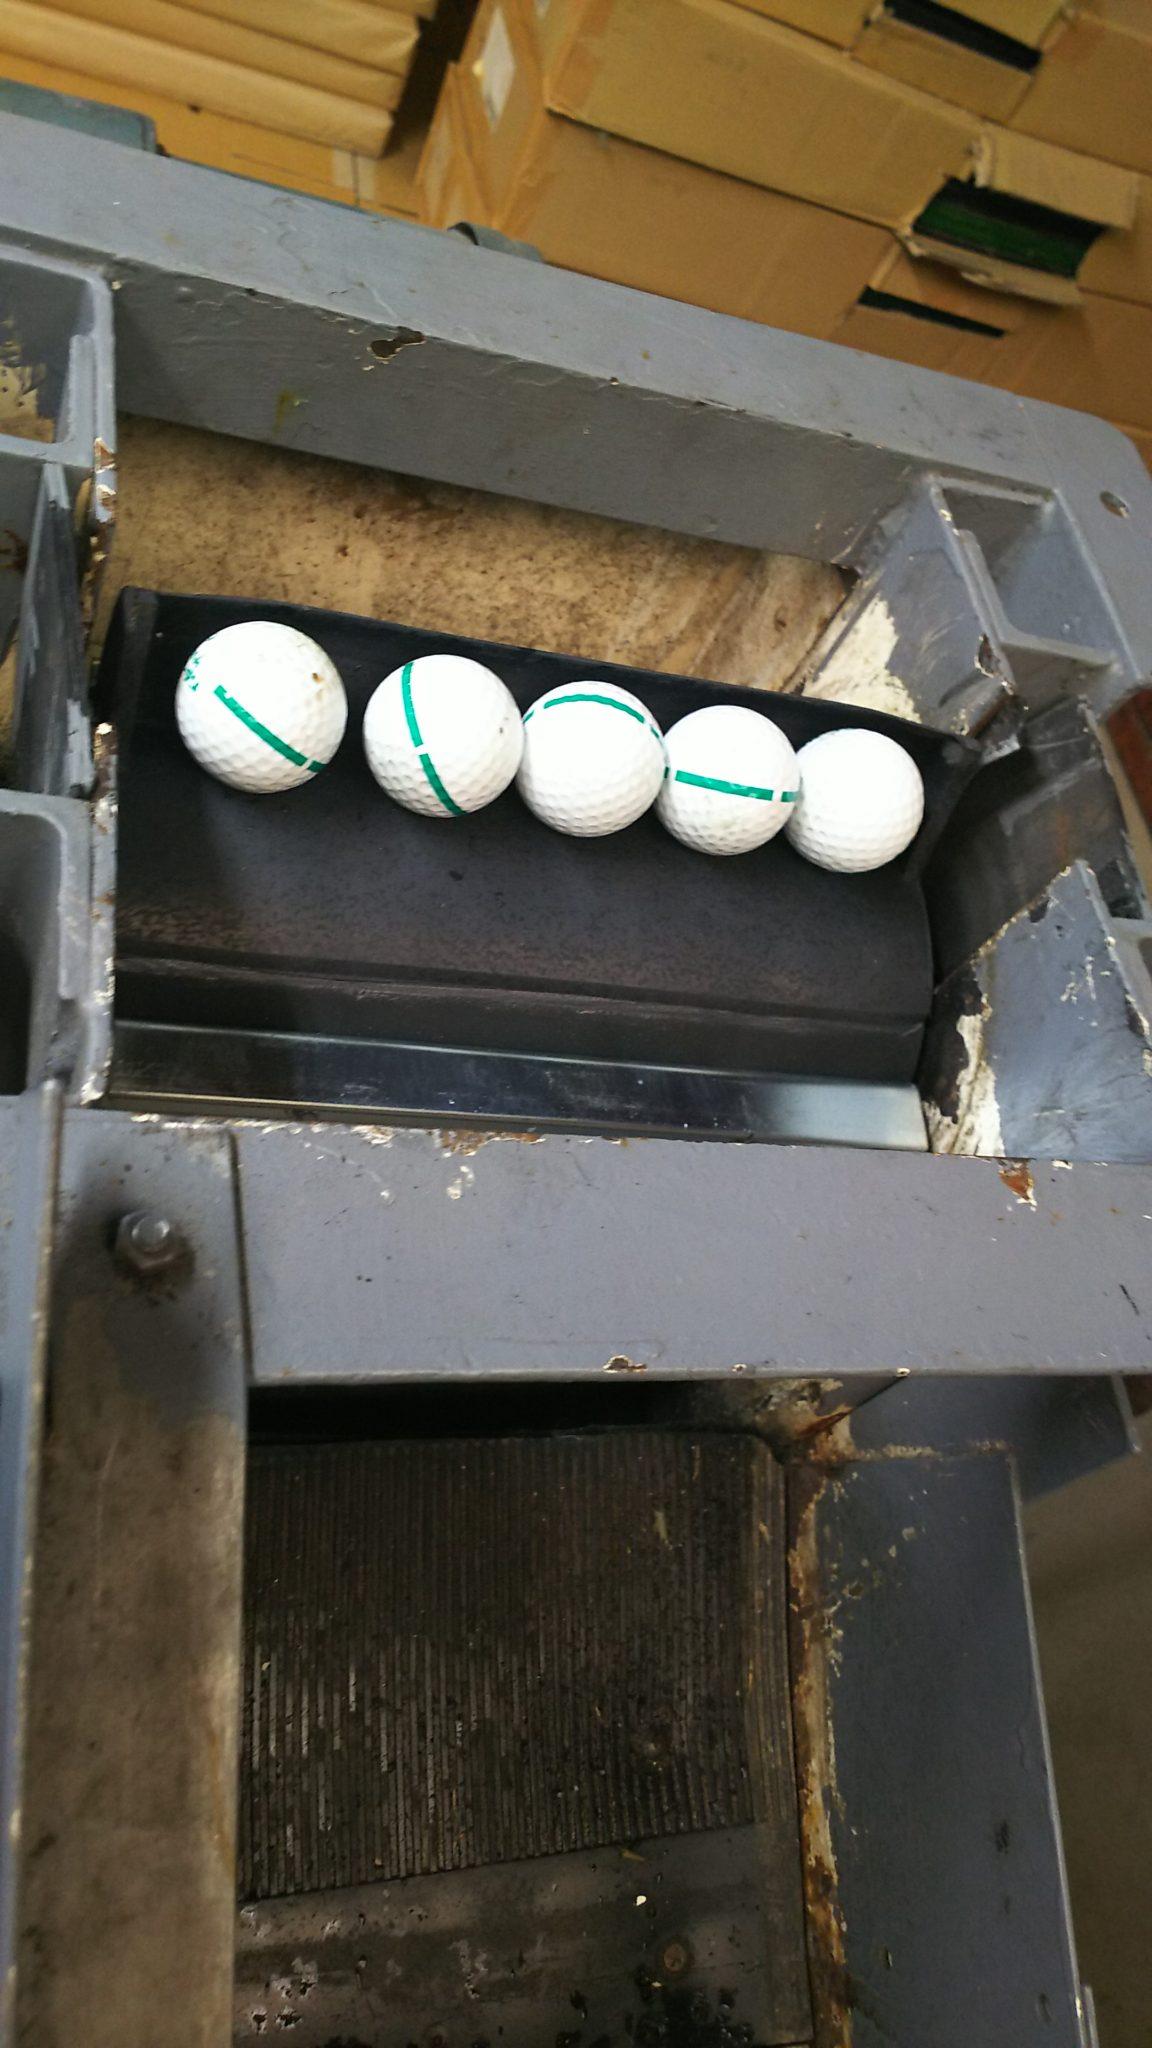 ボール送球用ゴムバケット交換工事 image2